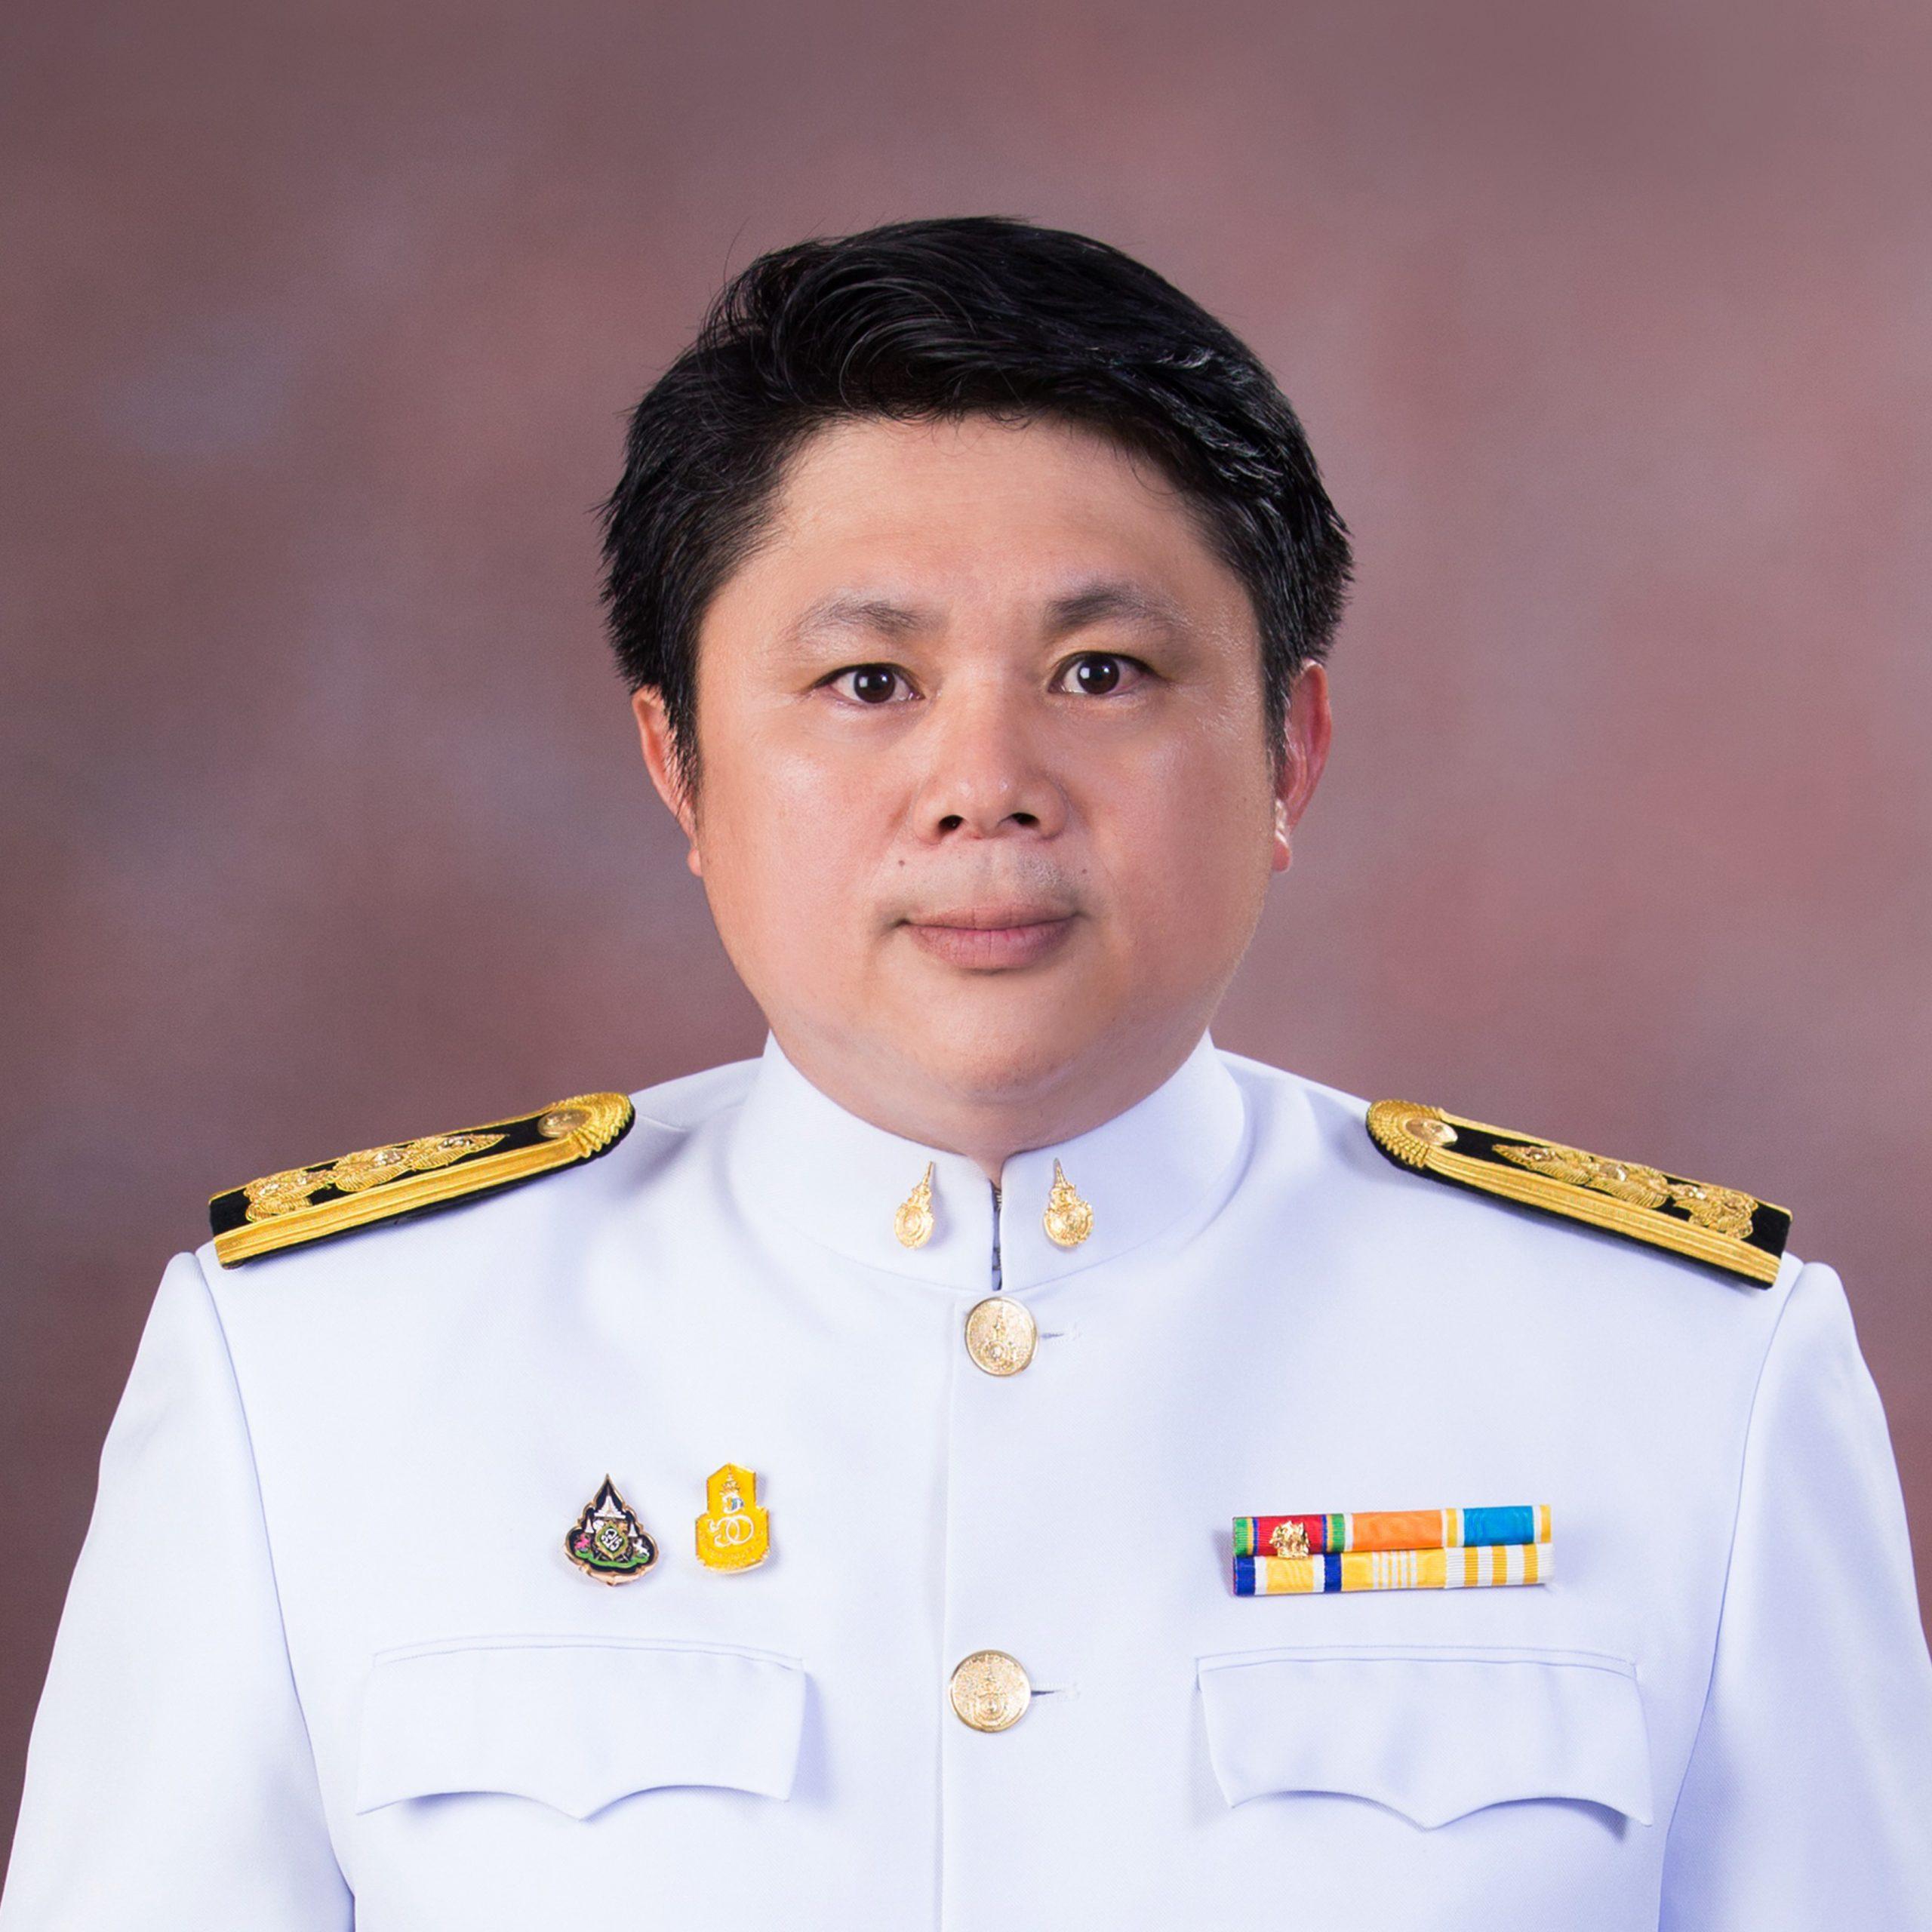 รศ.ดร.นัฐโชติ รักไทยเจริญชีพ